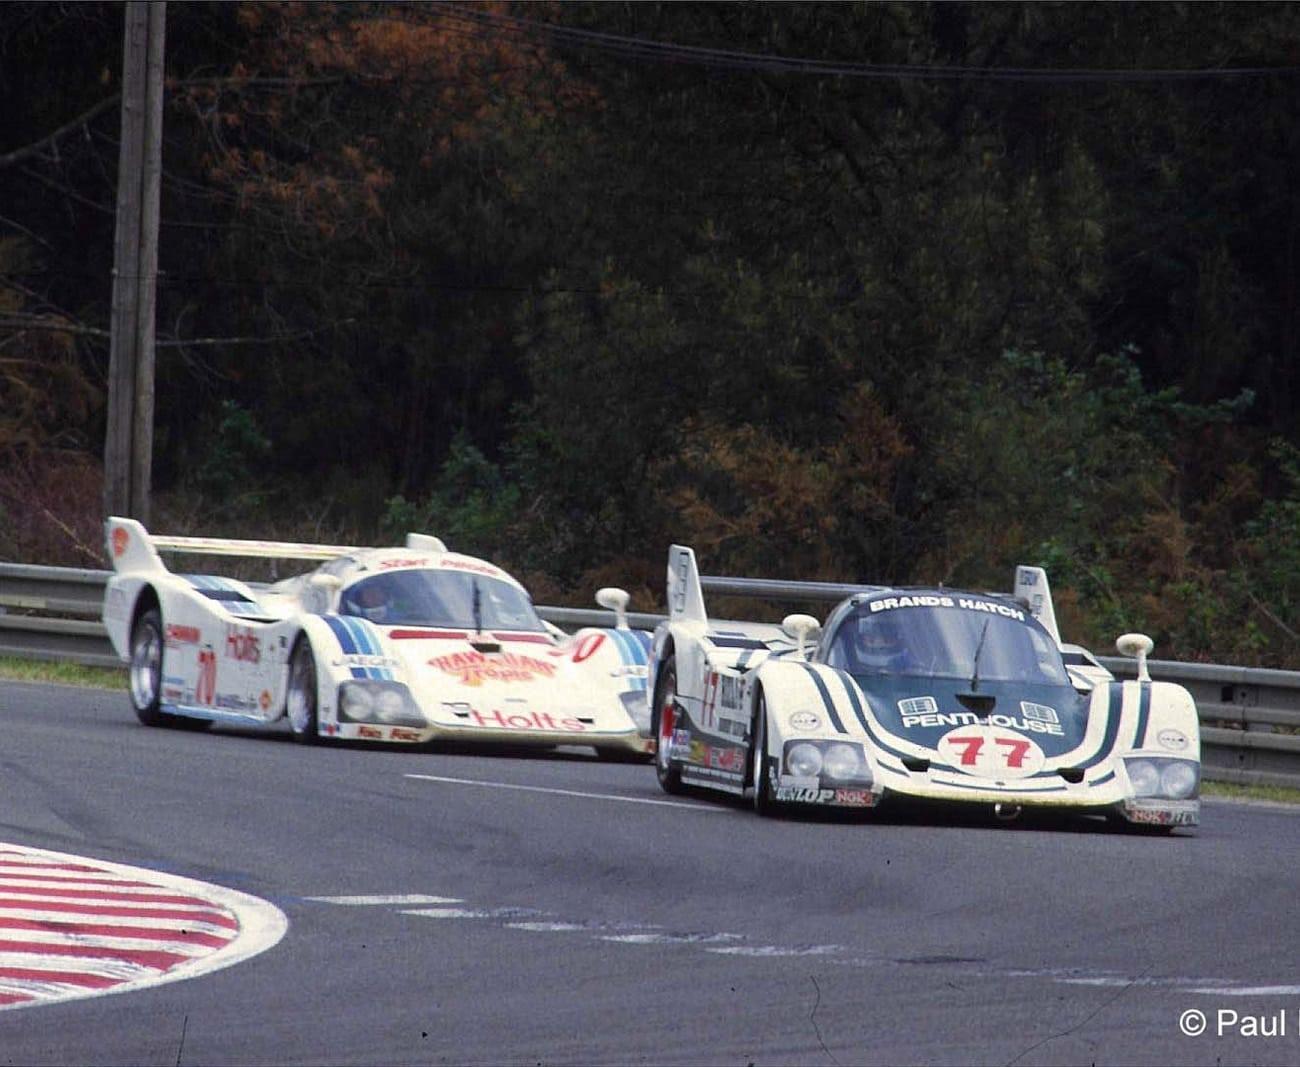 1985 #77 Tiga CG84, #70 Tiga CG85 – Le Mans 15 16 Jun 85